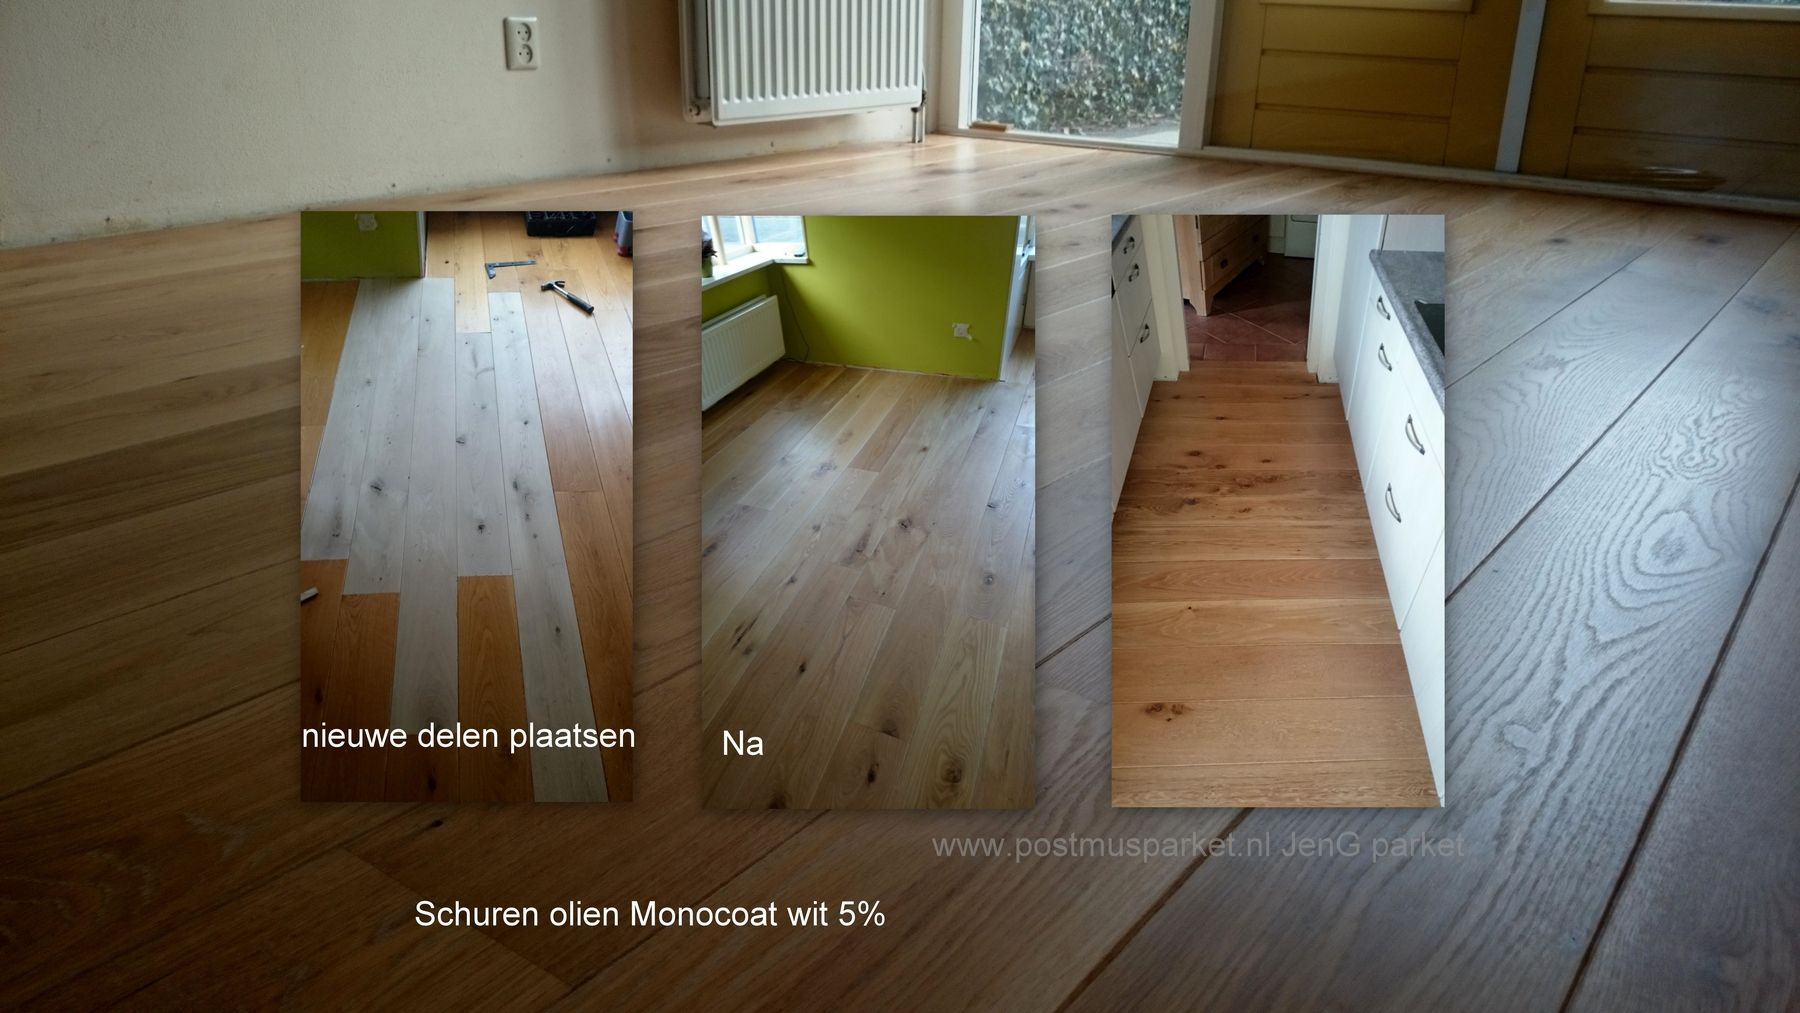 Eiken planken houten vloer delen vervangen schuren velling